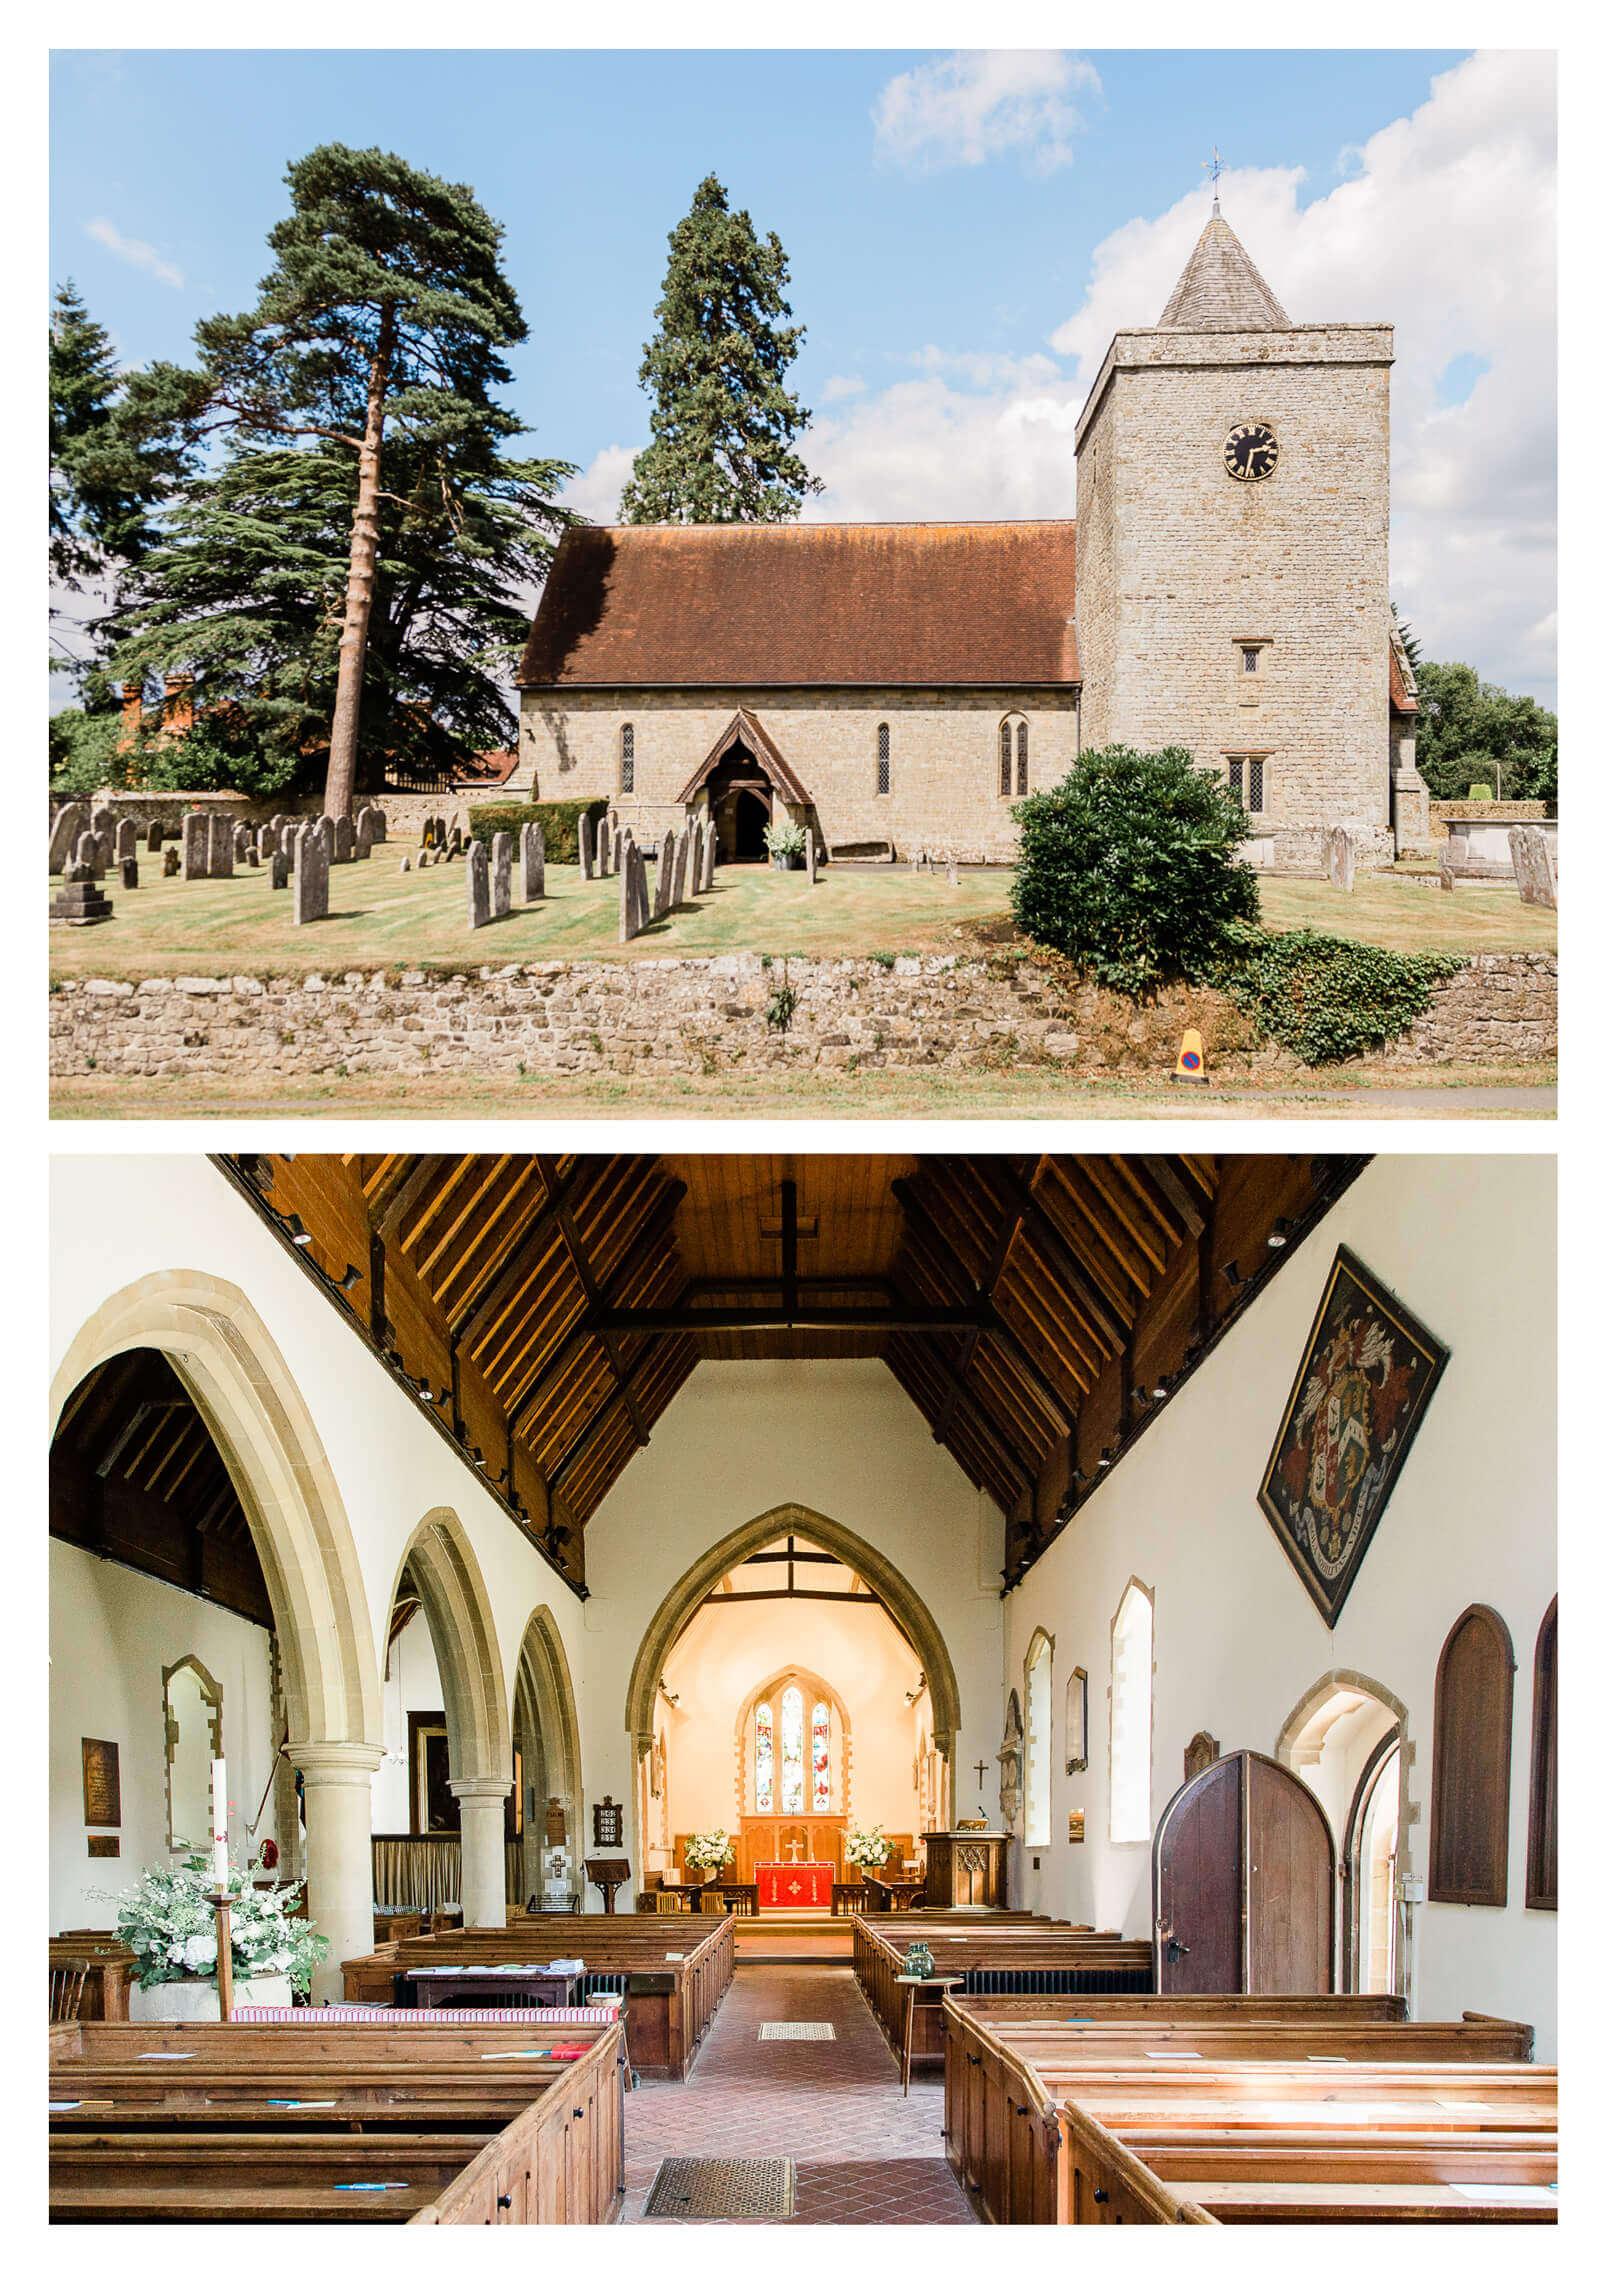 St James Church wedding venue in Stedham | West Sussex Wedding Photographer